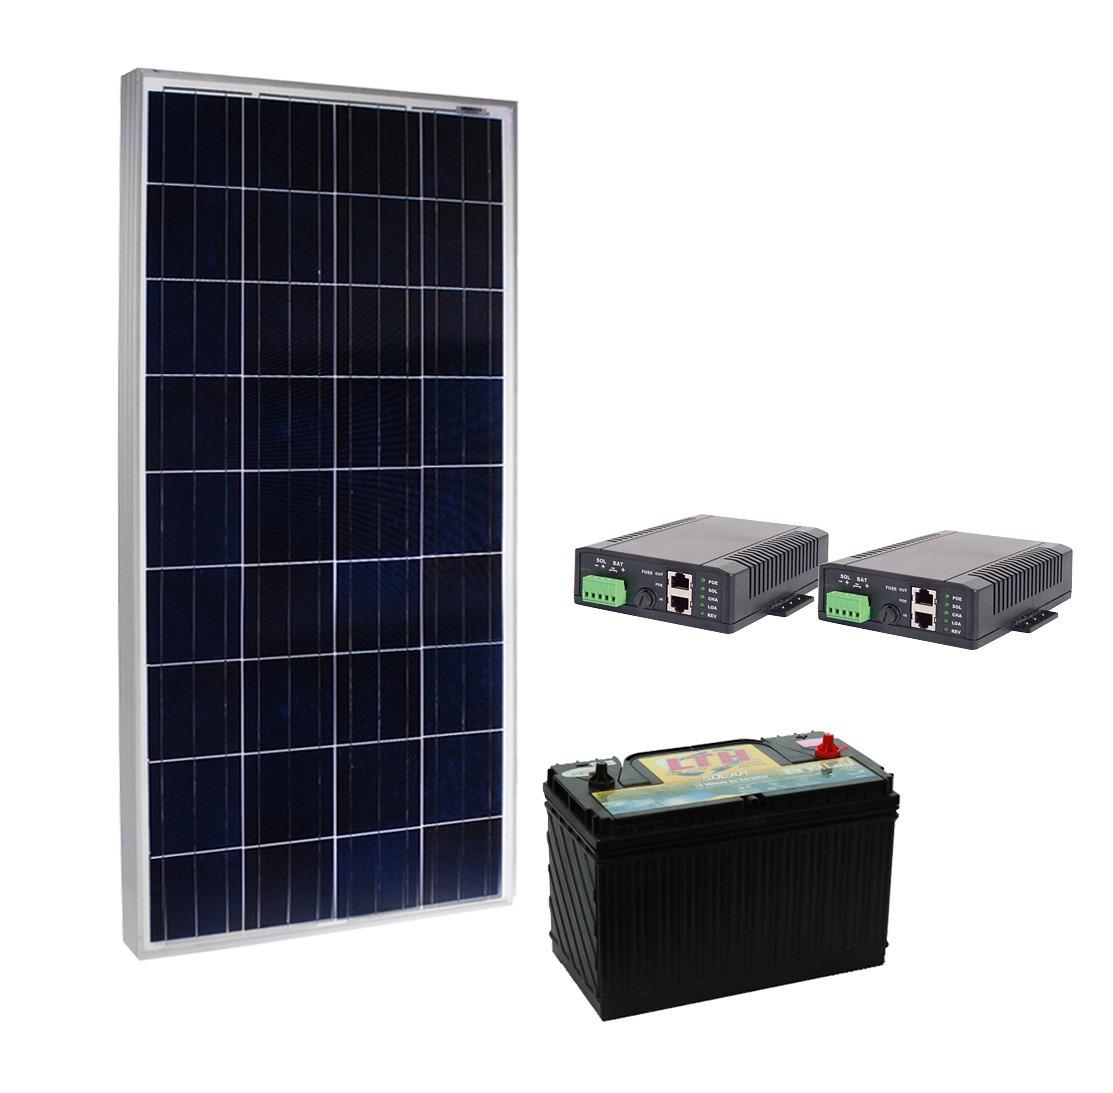 https://0201.nccdn.net/4_2/000/000/07e/96f/panel-solar-sistema-aislado-con-syspoe-para-radios-ubiquiti-D_NQ_NP_712621-MLM20810114038_072016-F.jpg